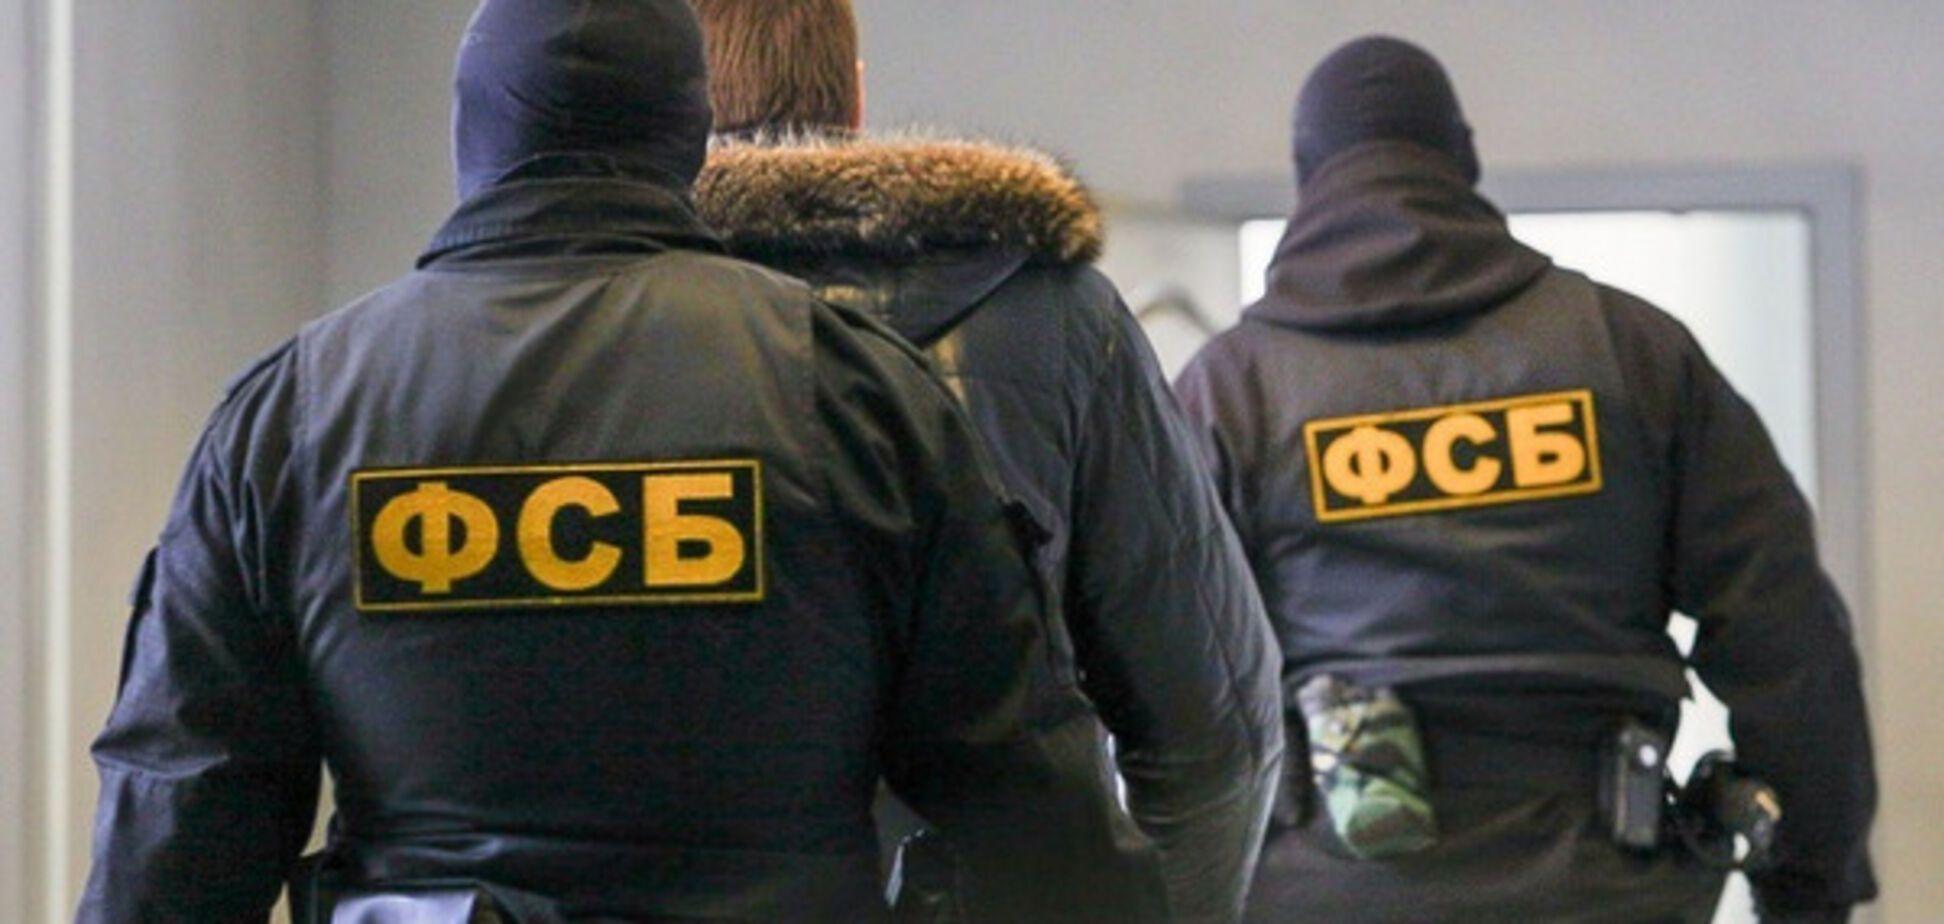 ФСБ РФ выслала задержанного украинца в \'ДНР\'